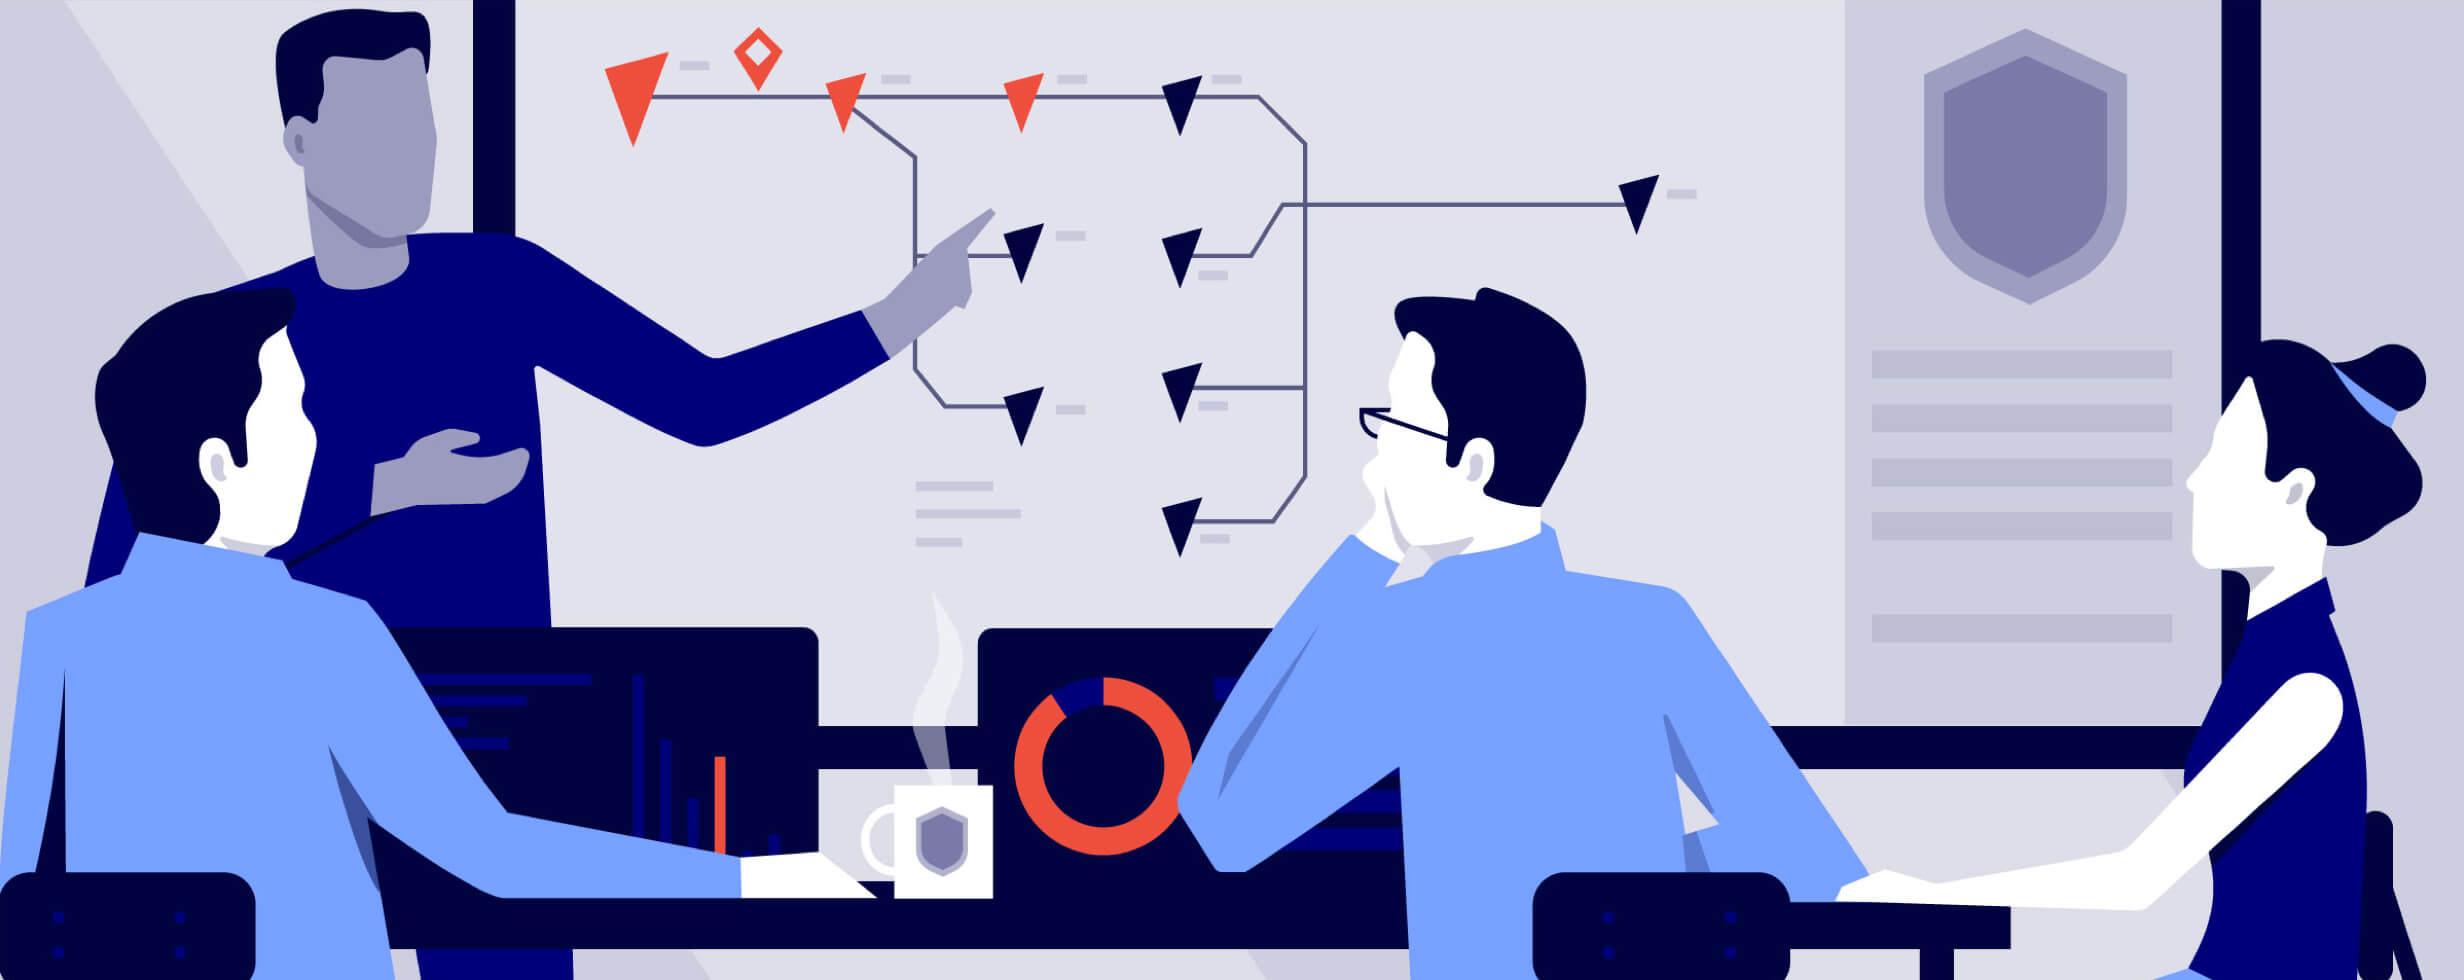 Bitfury Crystal: как работает инструмент для отслеживания подозрительных транзакций в биткоин-сети - 1